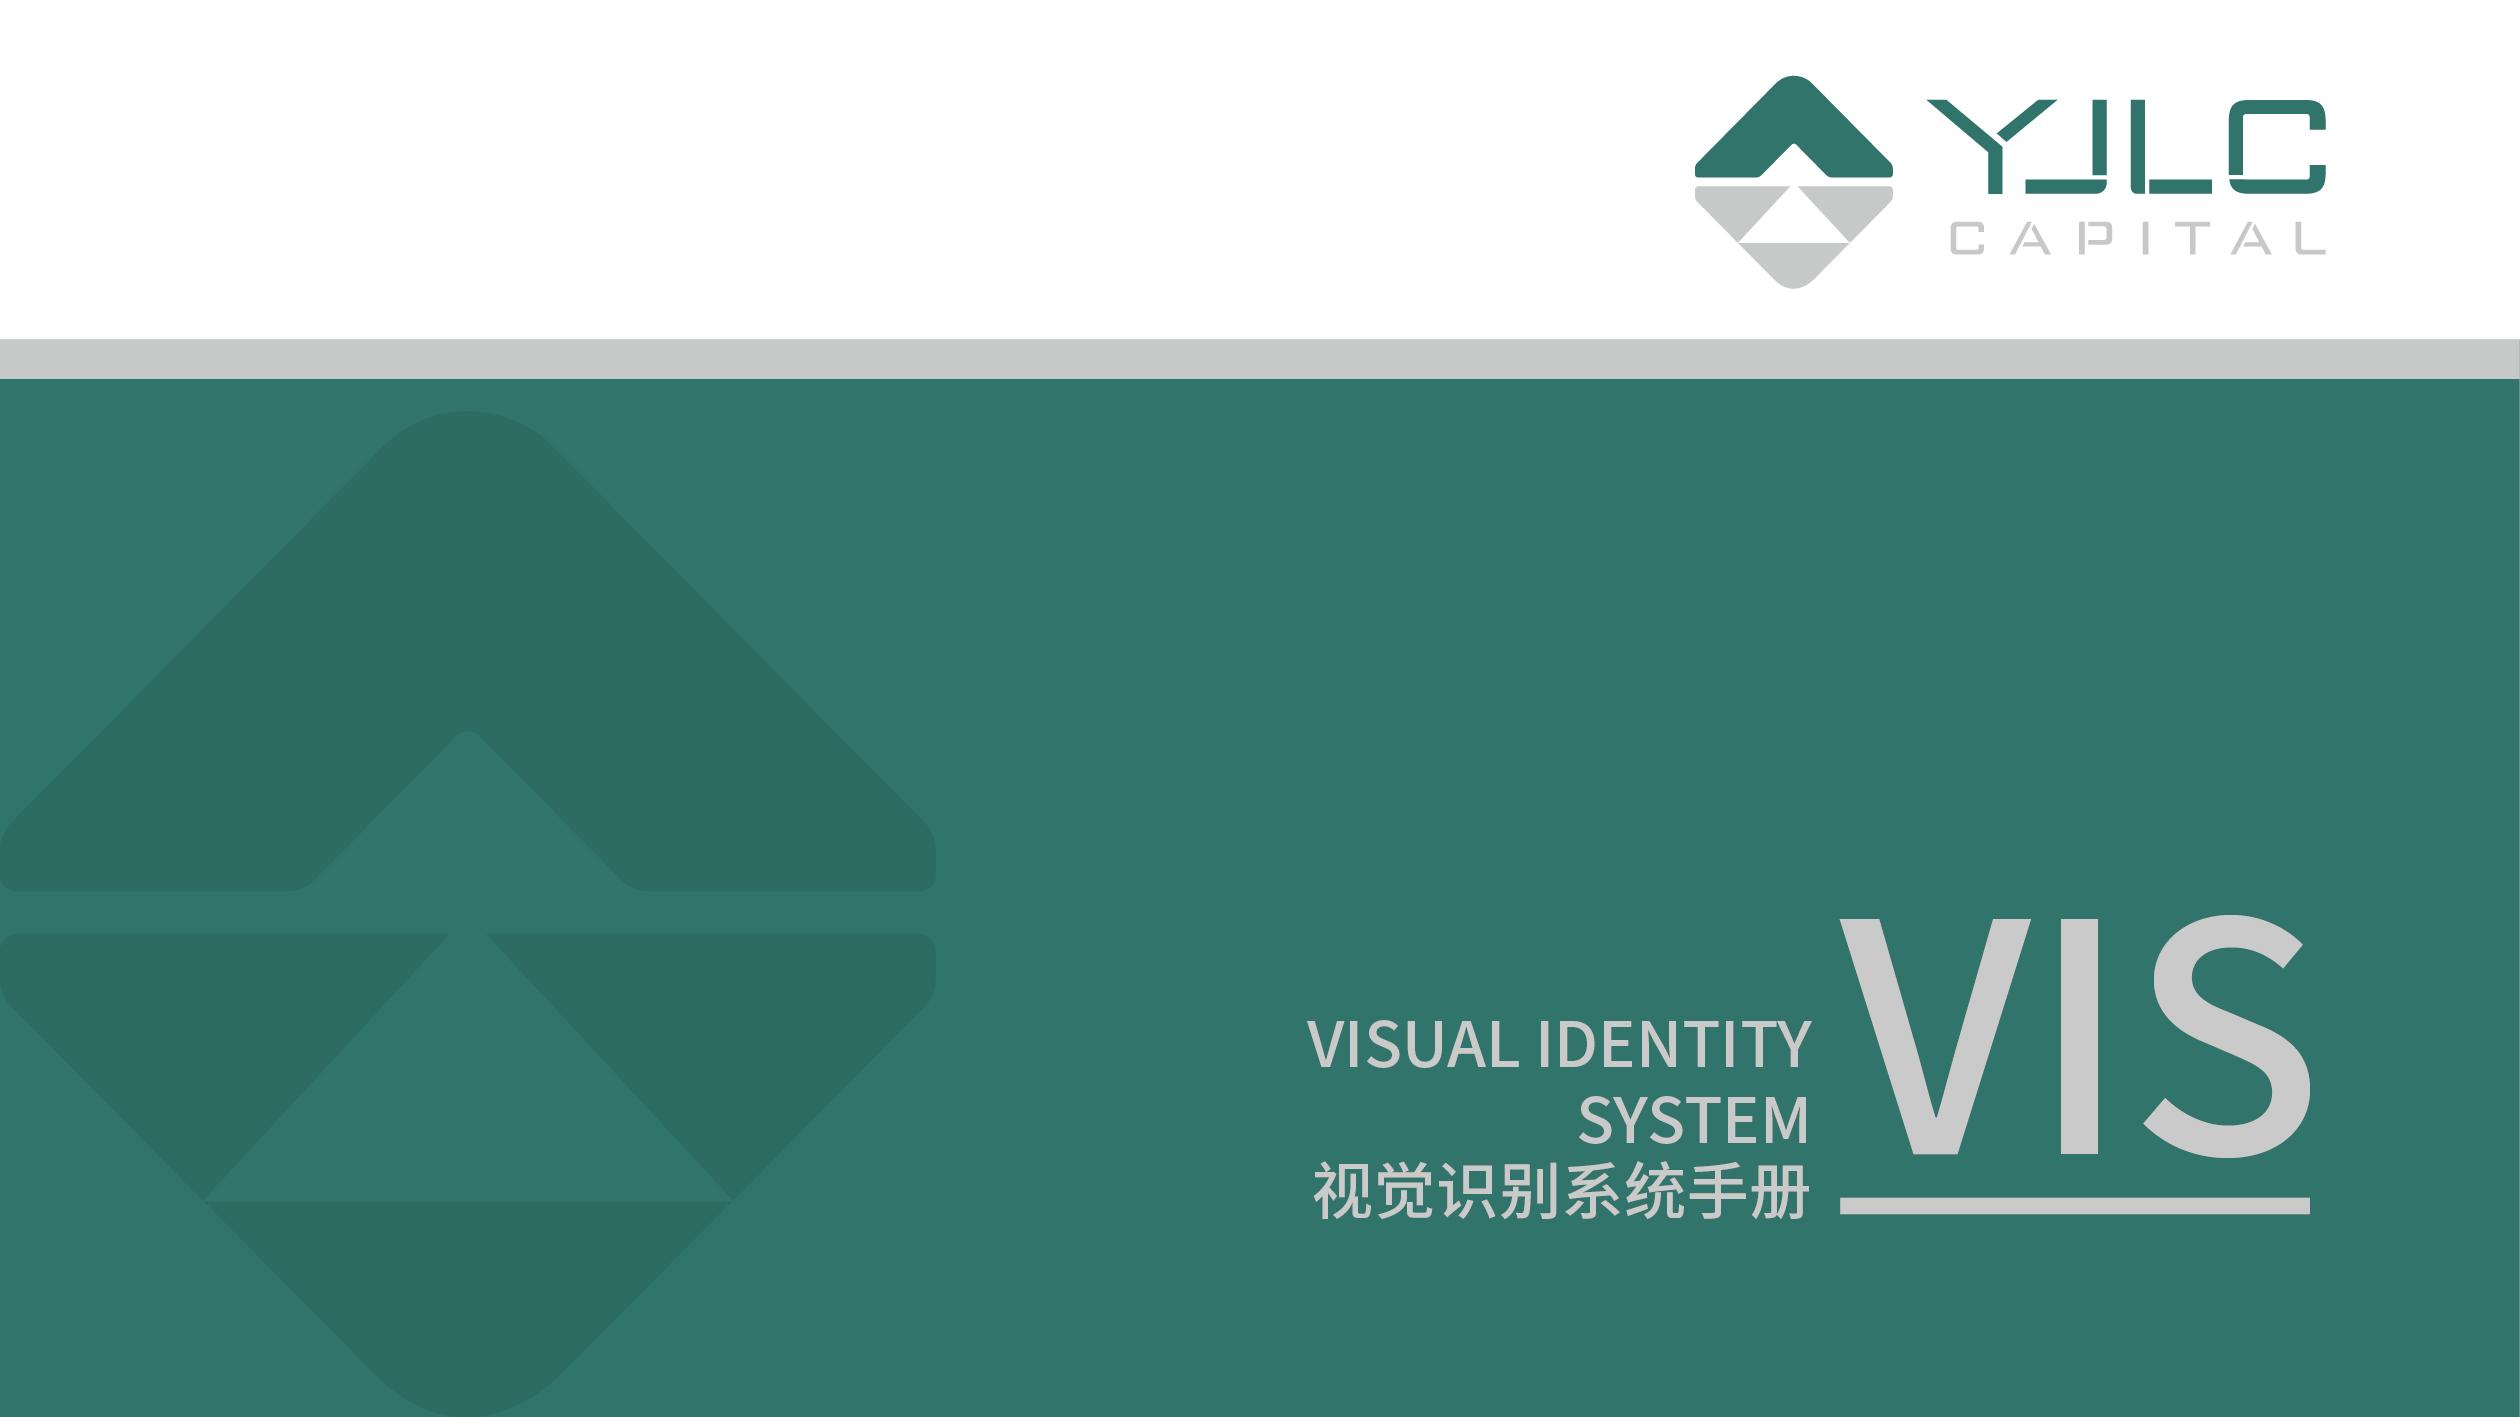 健瓴资本公司VI设计